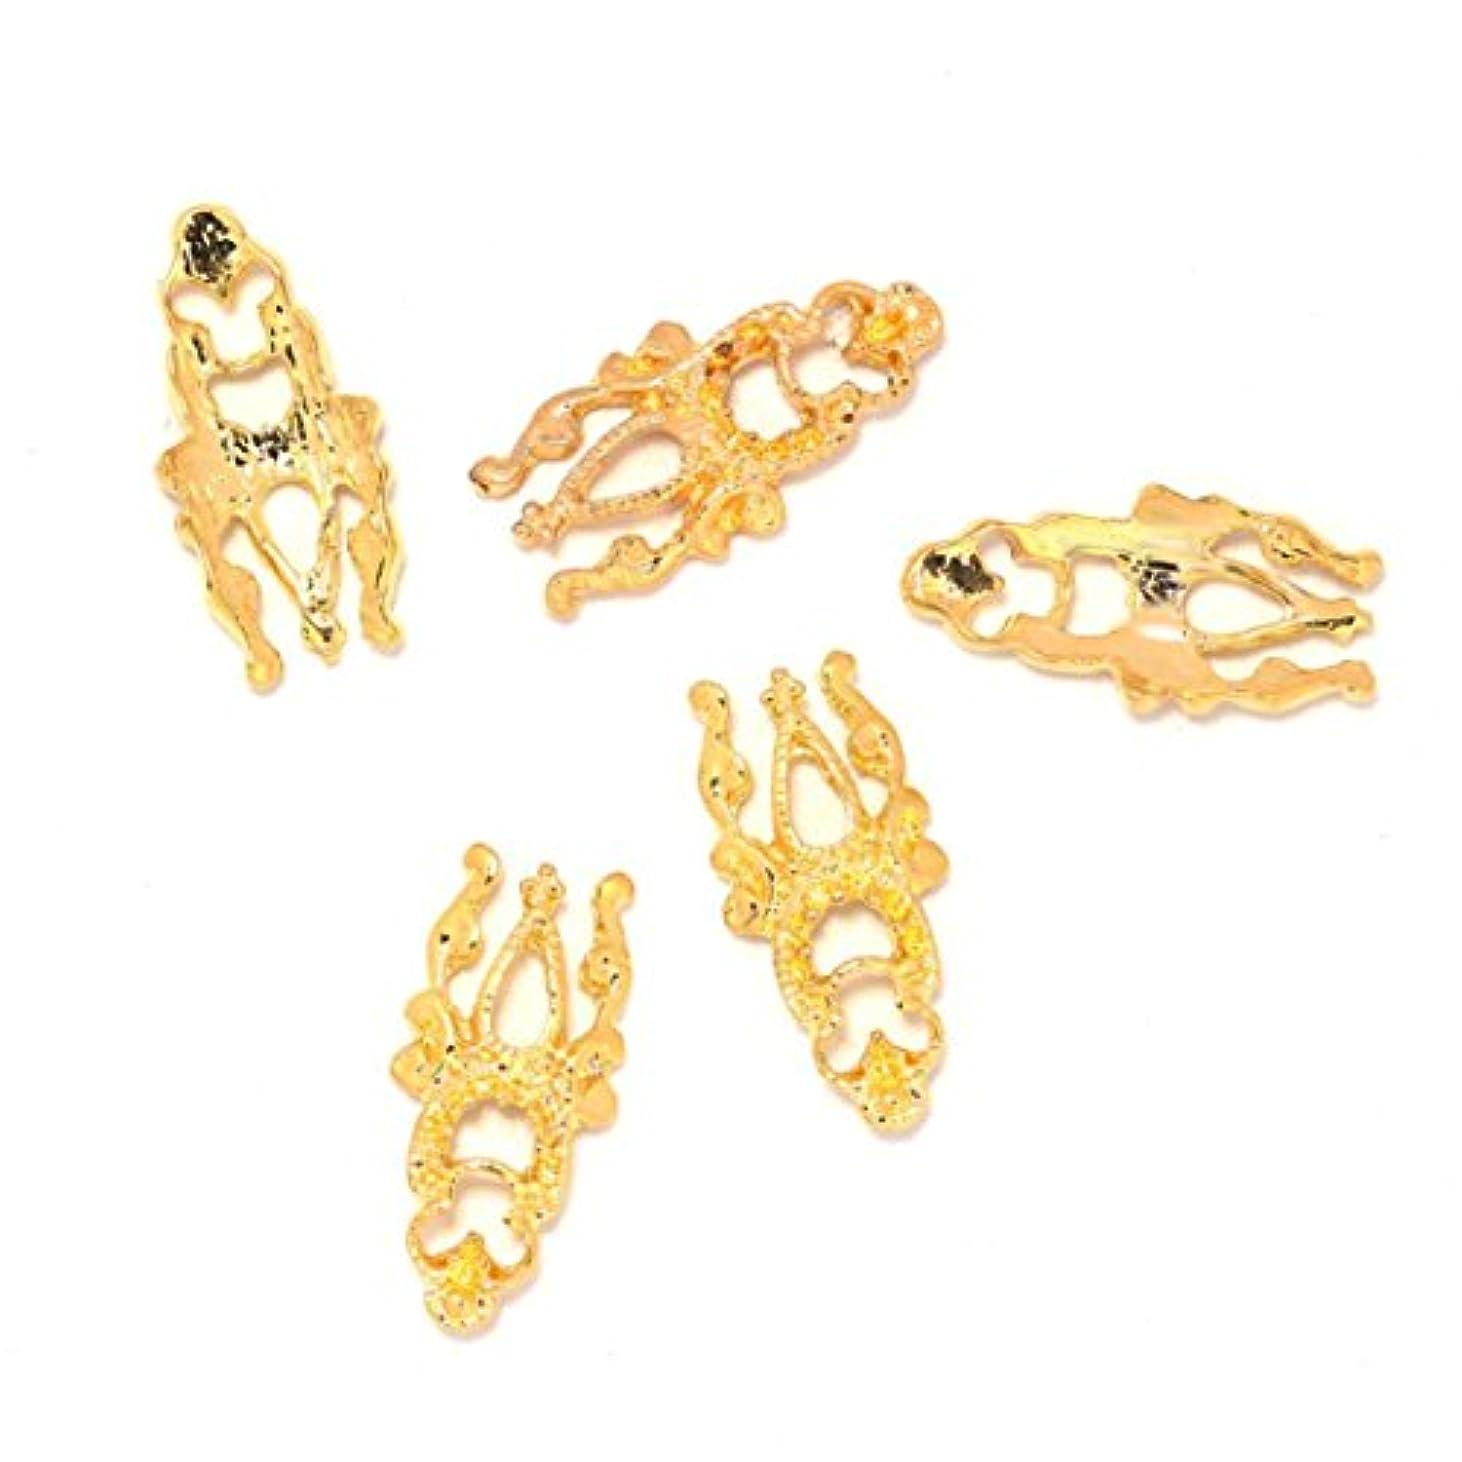 状況博物館地上でFeteso 10PCs ネイルパーツ デコパーツ 3Dネイルアート ゴールド シルバー 幾何学 メタリック ネイルオーロラ ネイルアート メタルパーツ グリッター 金属調 不思議 デコ用 合金ジュエリー ラインストーン